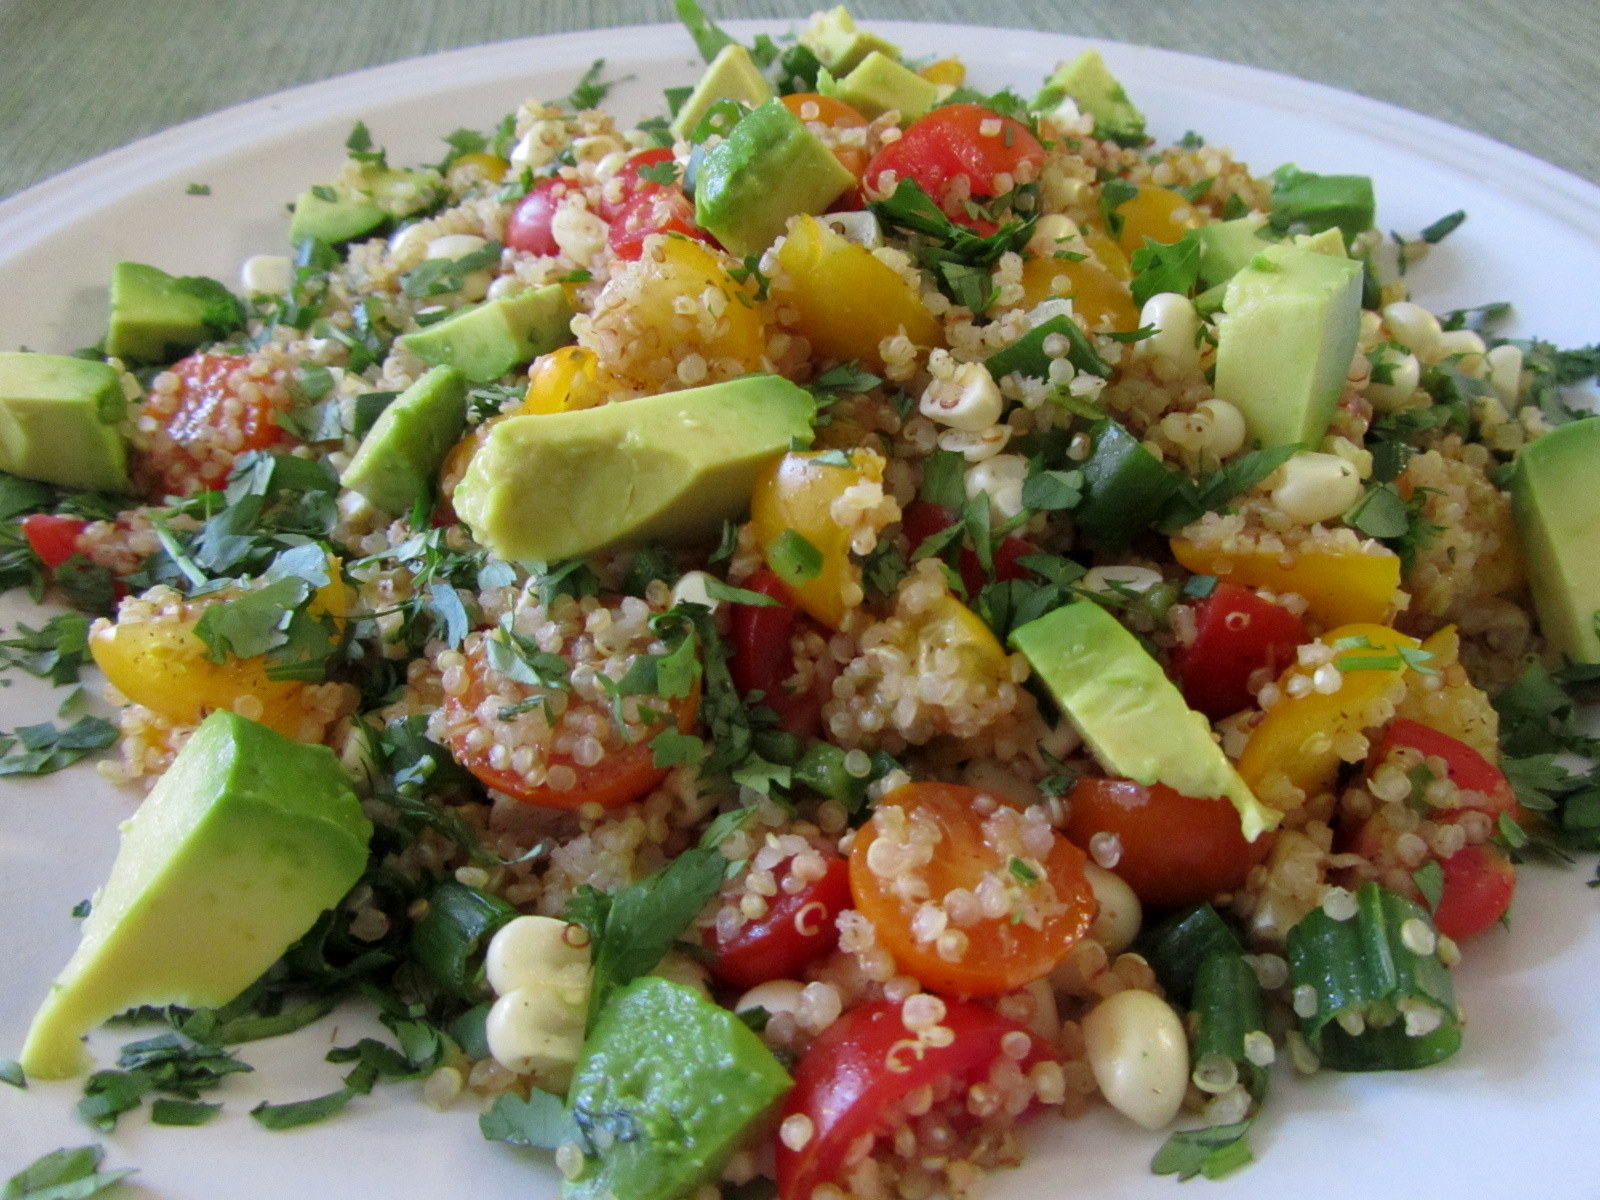 Portuguese salad recipes easy